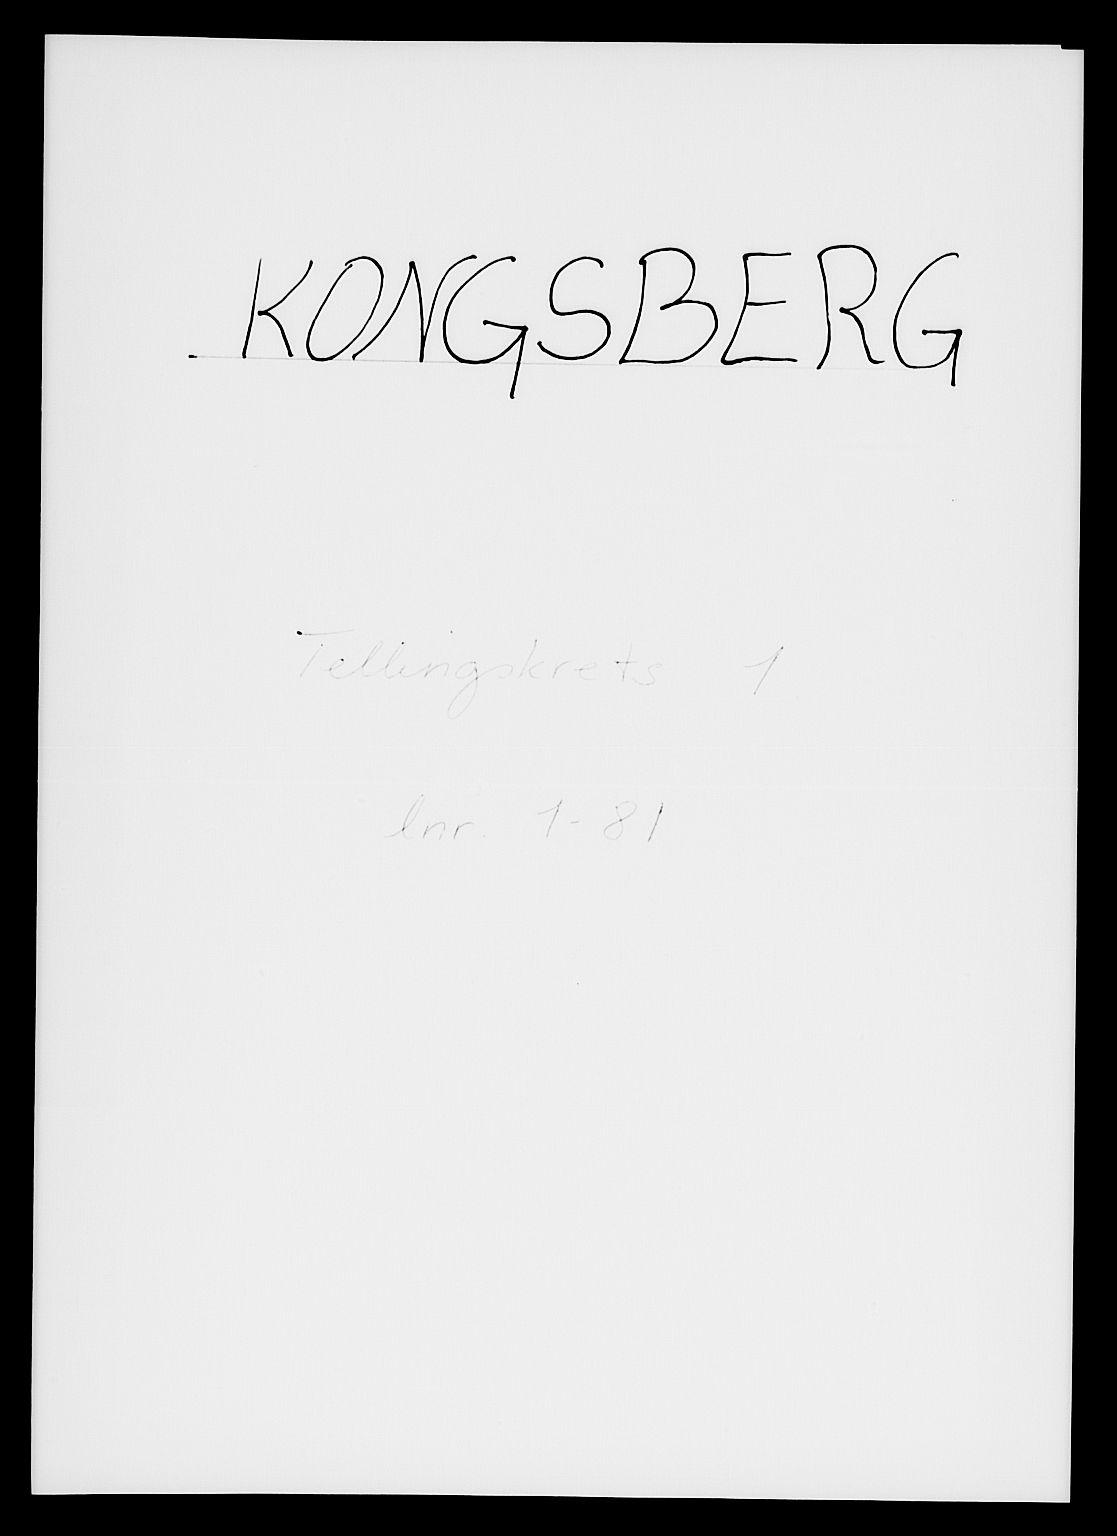 SAKO, 1885 census for 0604 Kongsberg, 1885, p. 1